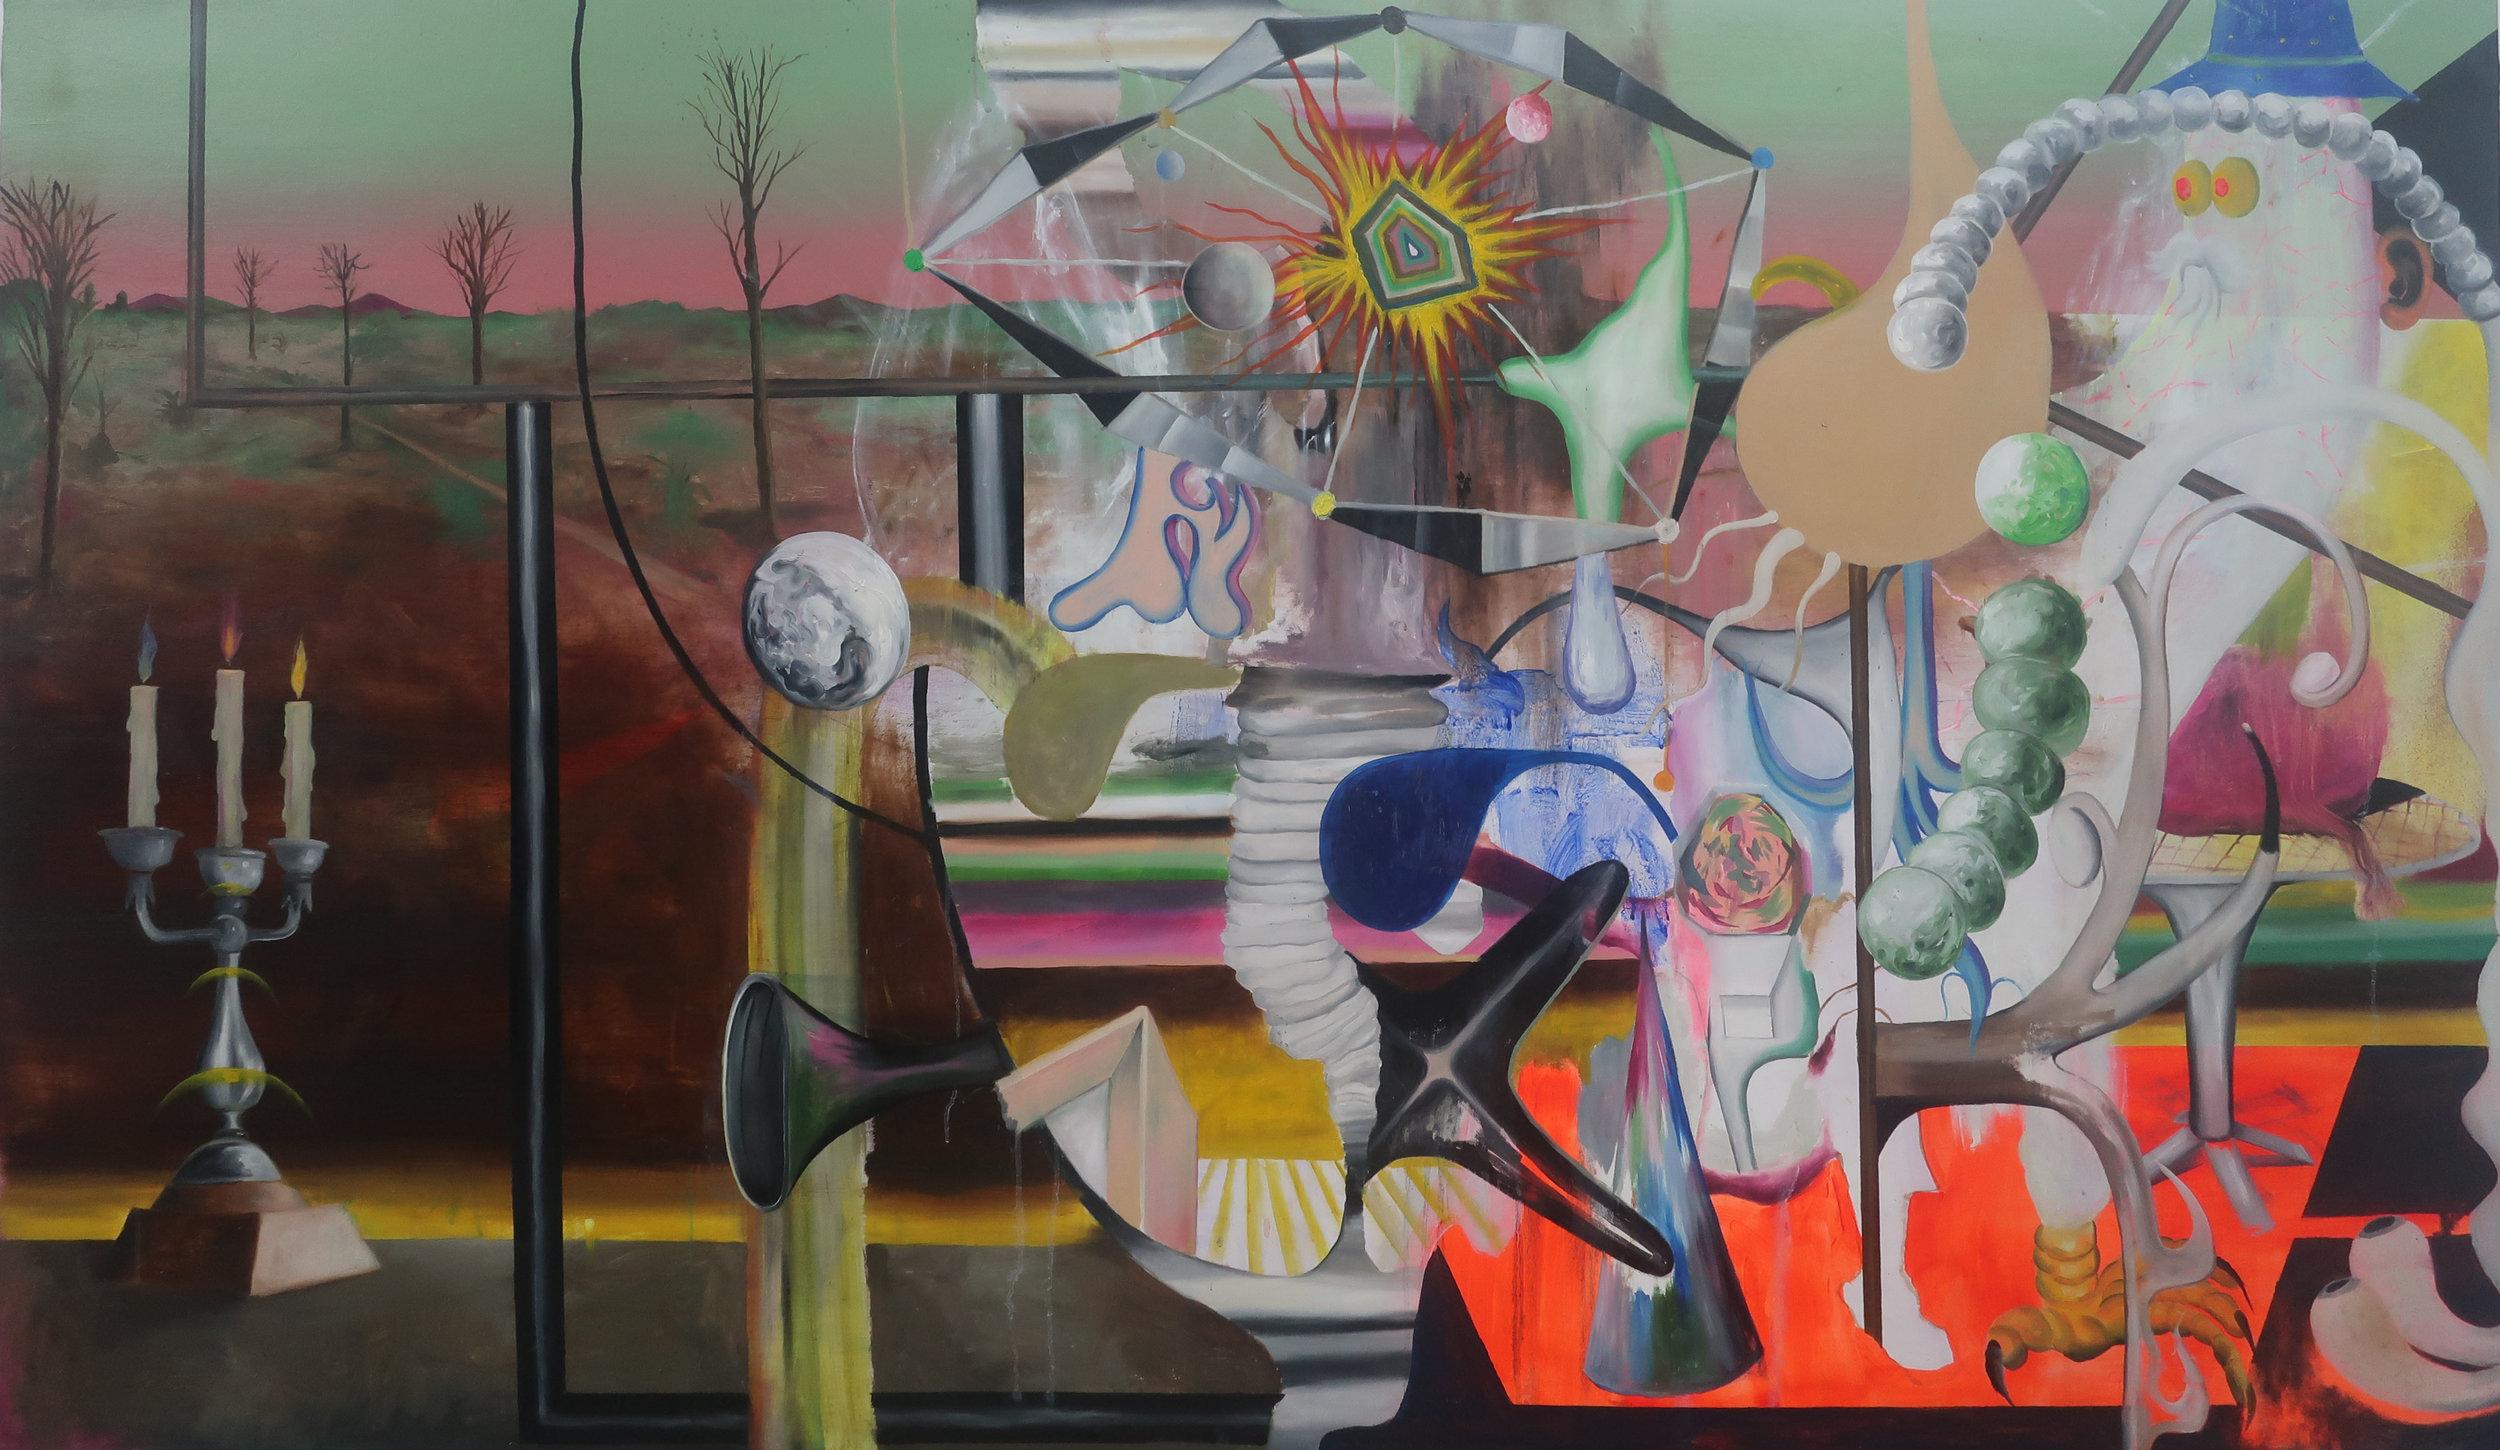 〈神秘資料狂歡|Mystic Data Bender〉,油彩於畫布|Acrylic on canvas,122 x 213 cm|4 feet x 7 feet,2019.jpg